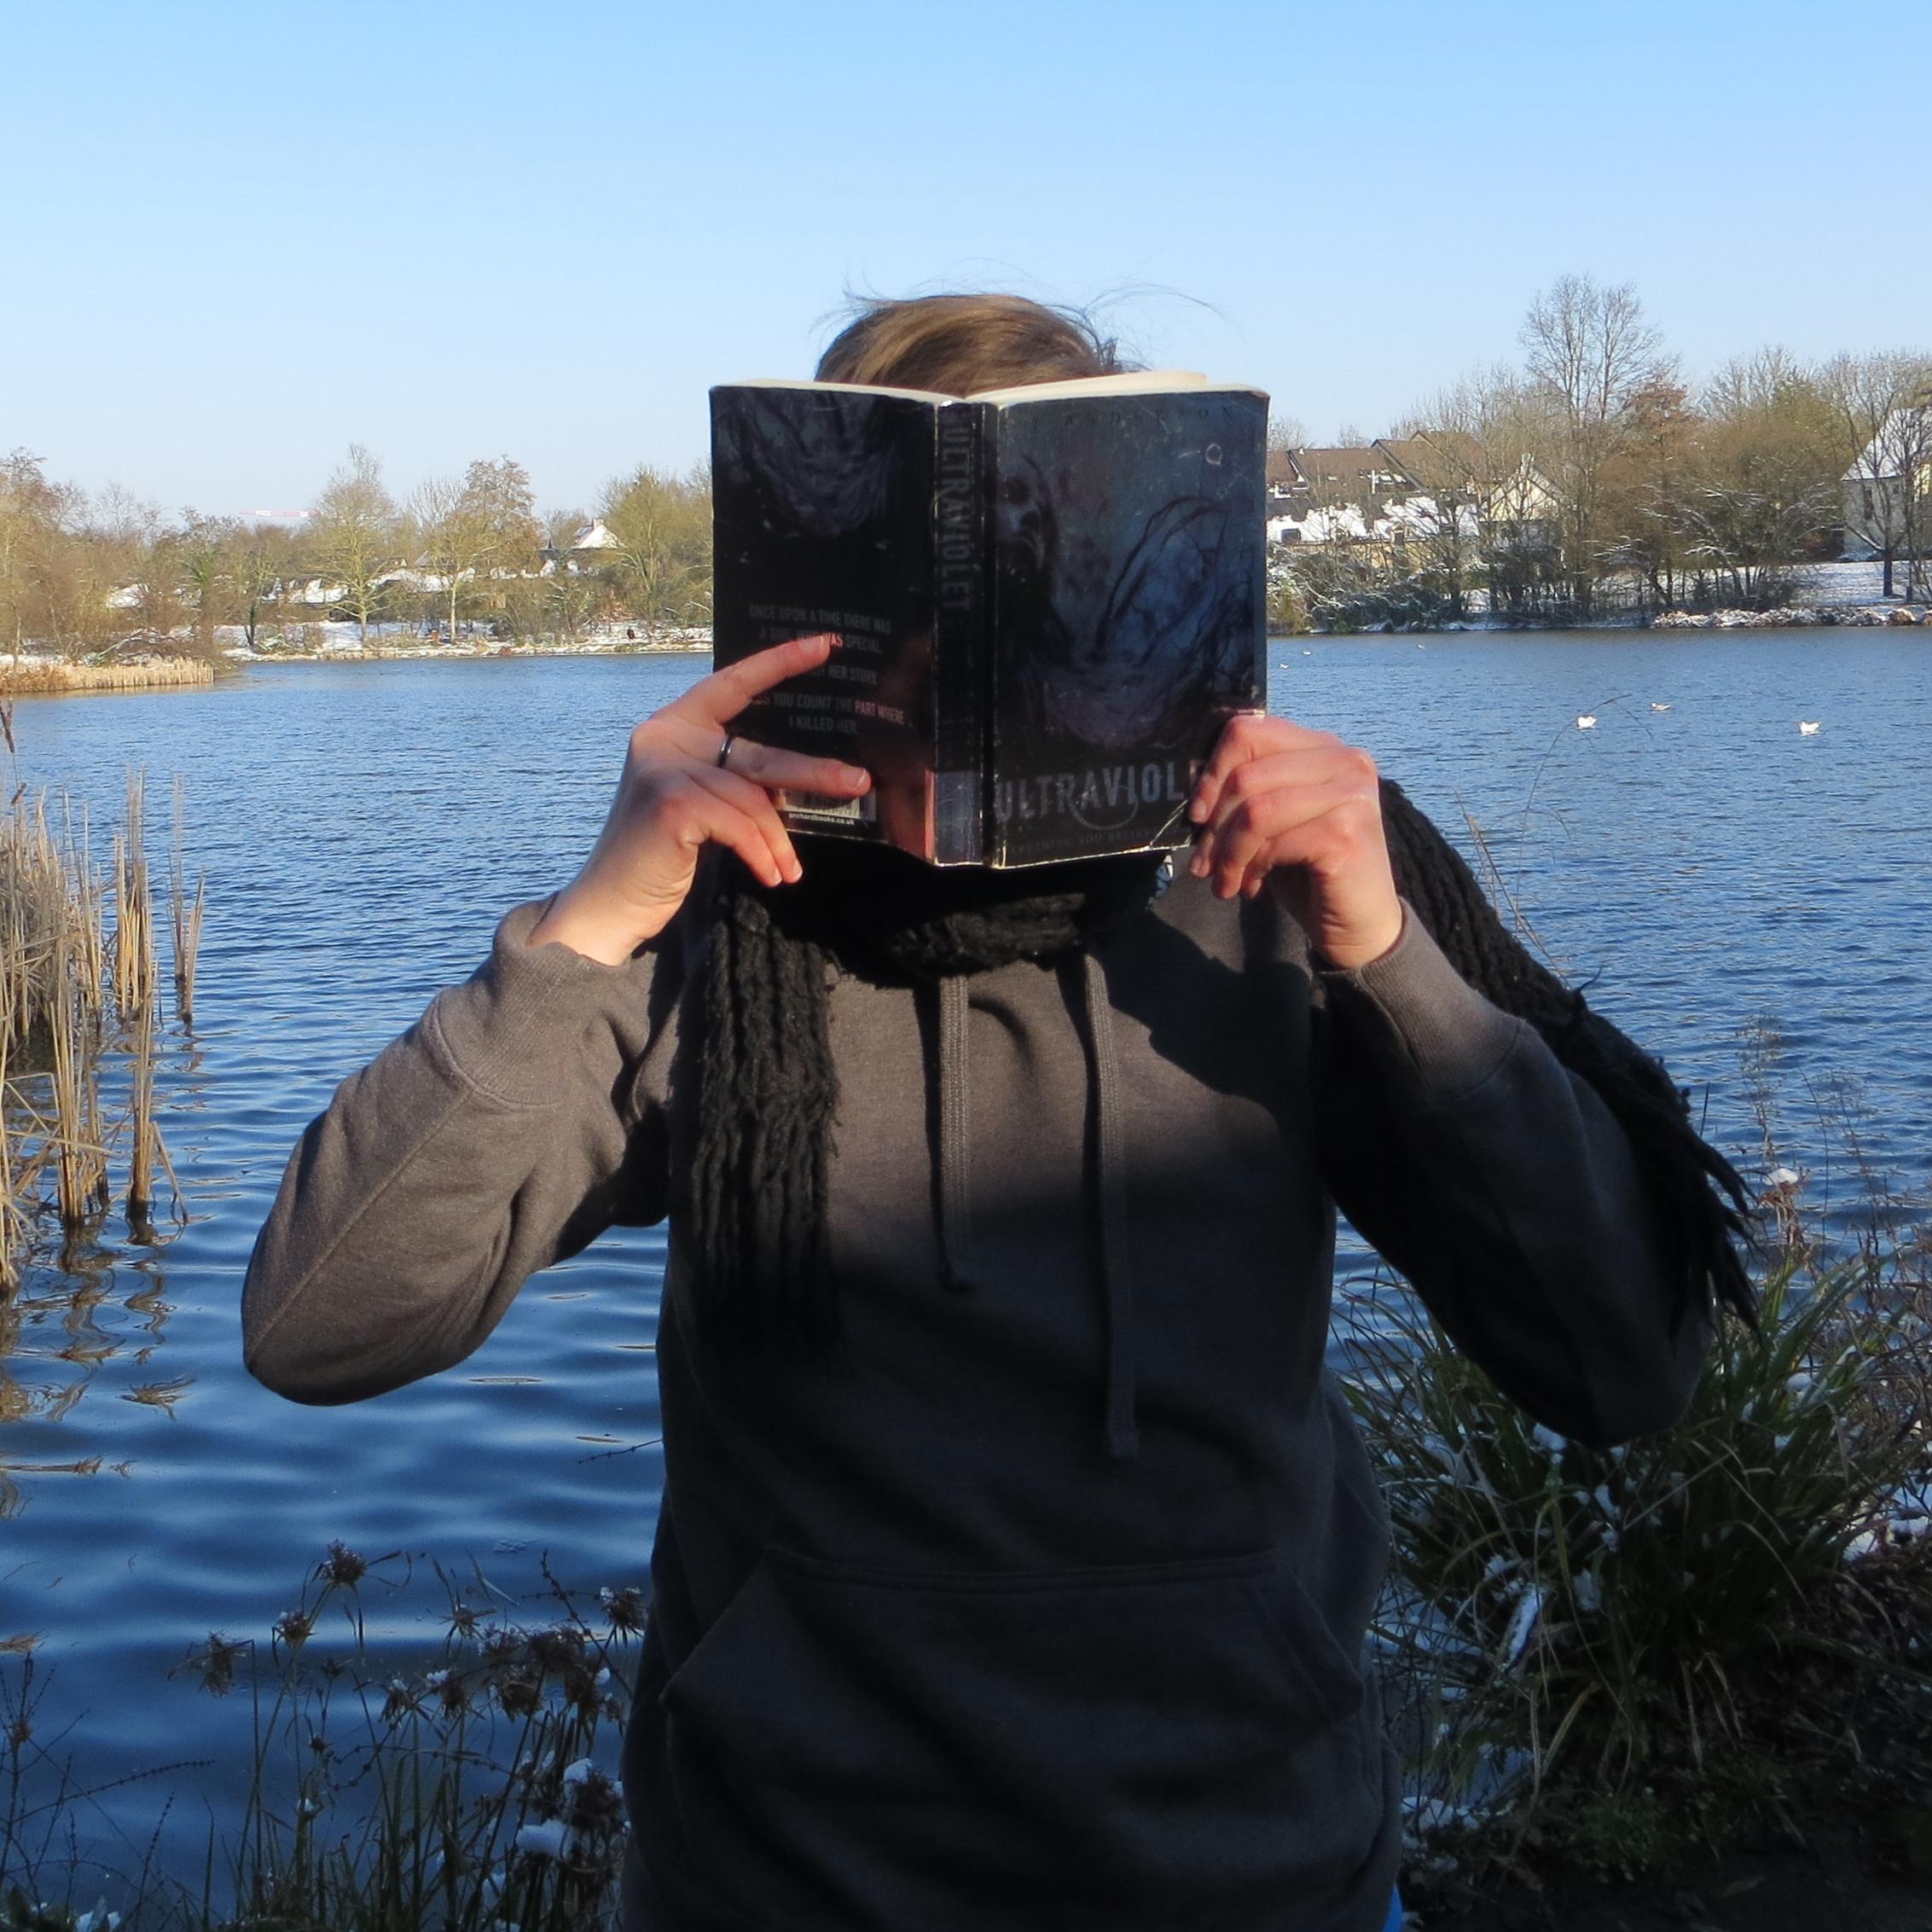 personne en pull gris lisant Ultraviolet de R.J. Anderson devant un lac aux berges enneigées